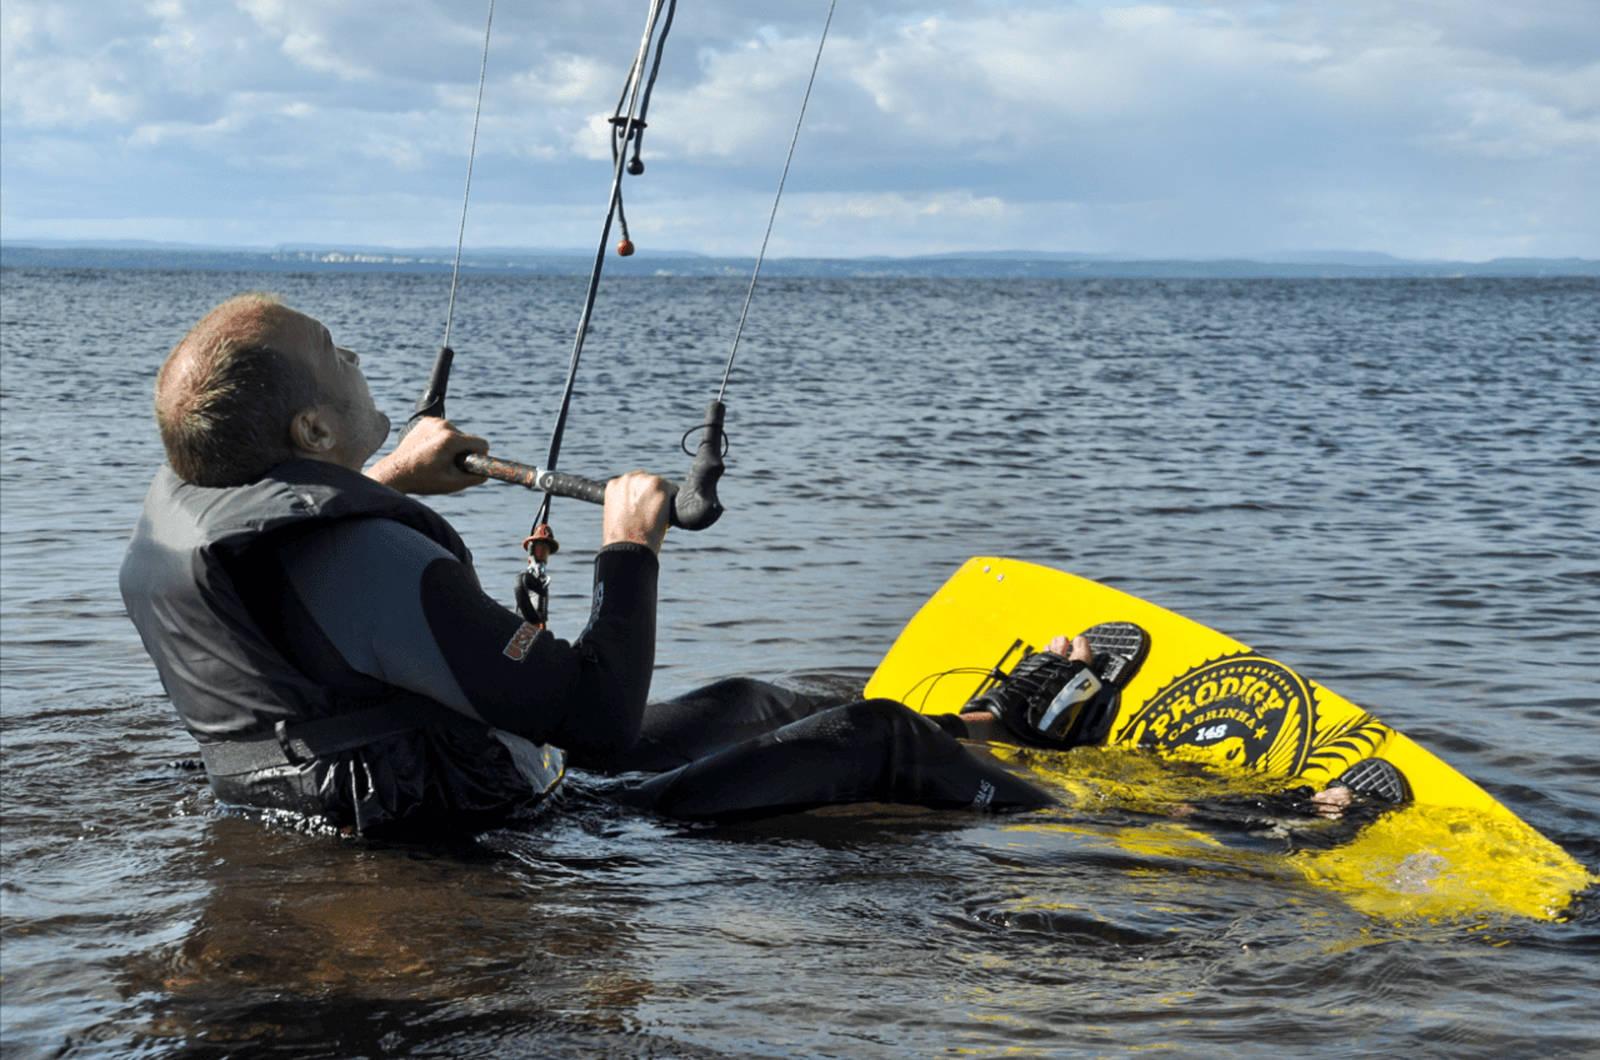 Med gunstige vindforhold, er det slett ikke umulig at en er i vannet allerede andre dag på kitekurs. Bilde: Sandra Lappegard Wangberg